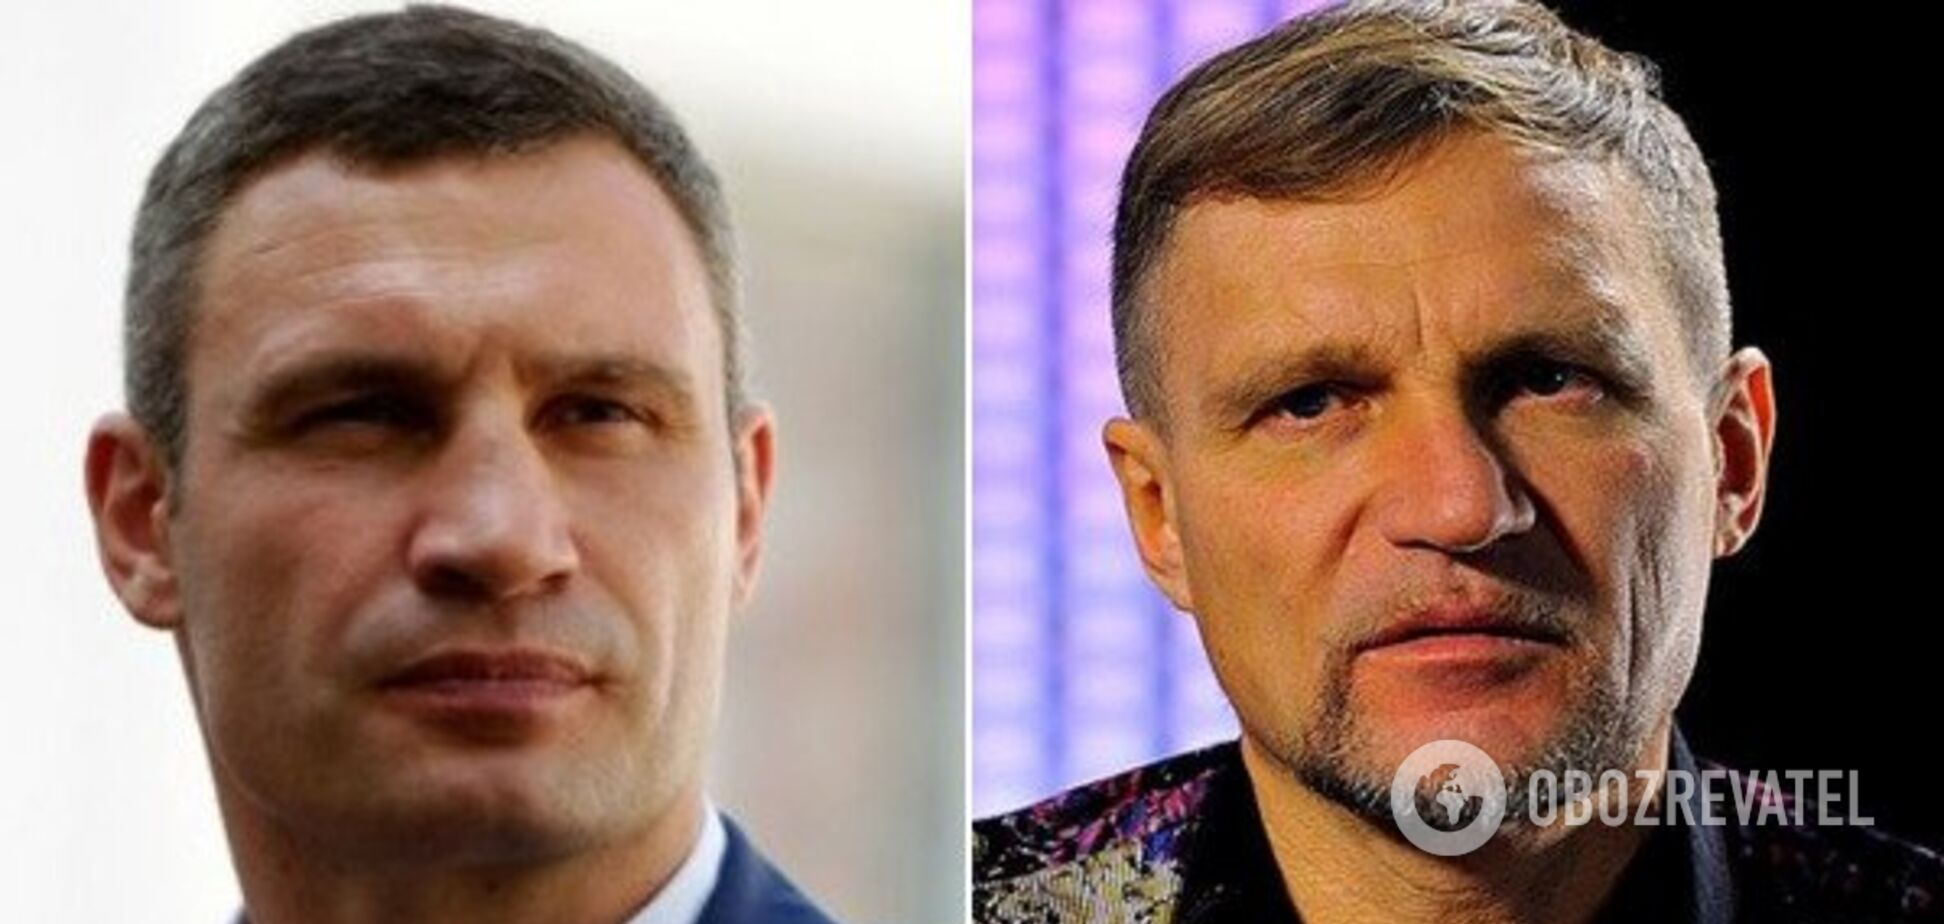 Мер Києва Віталій Кличко та музикант Олег Скрипка